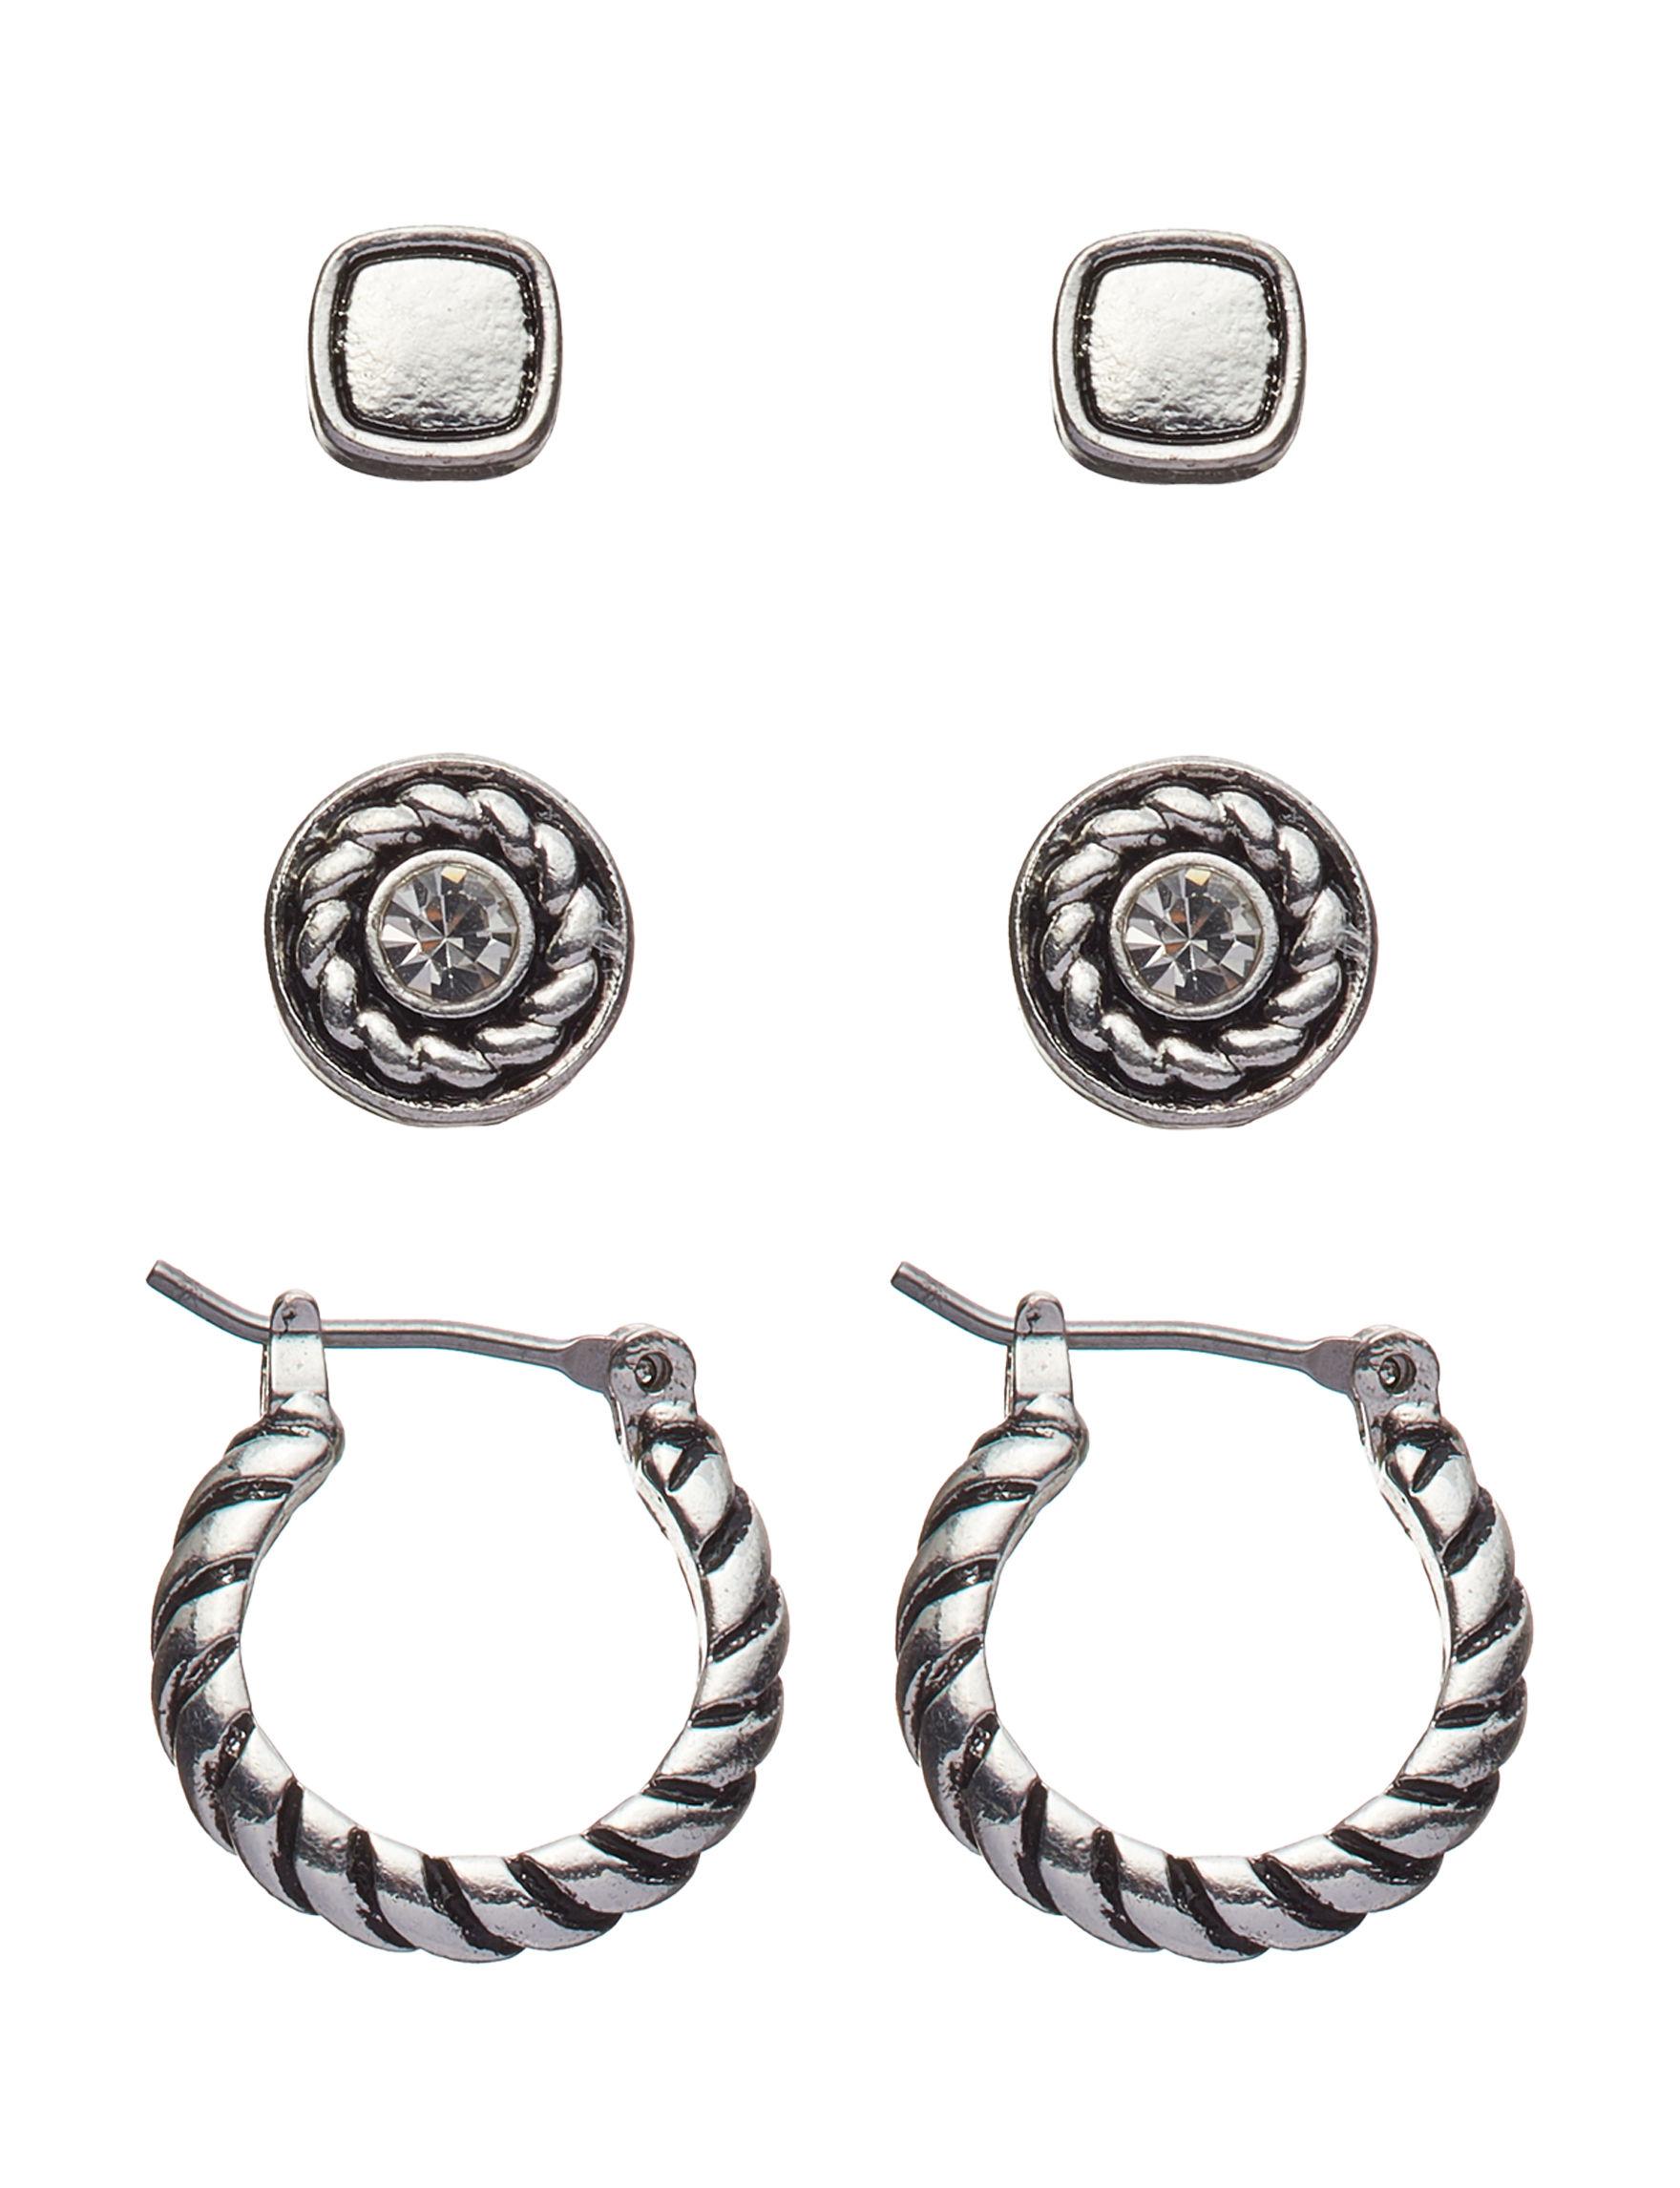 Napier Silver Hoops Studs Earrings Fashion Jewelry